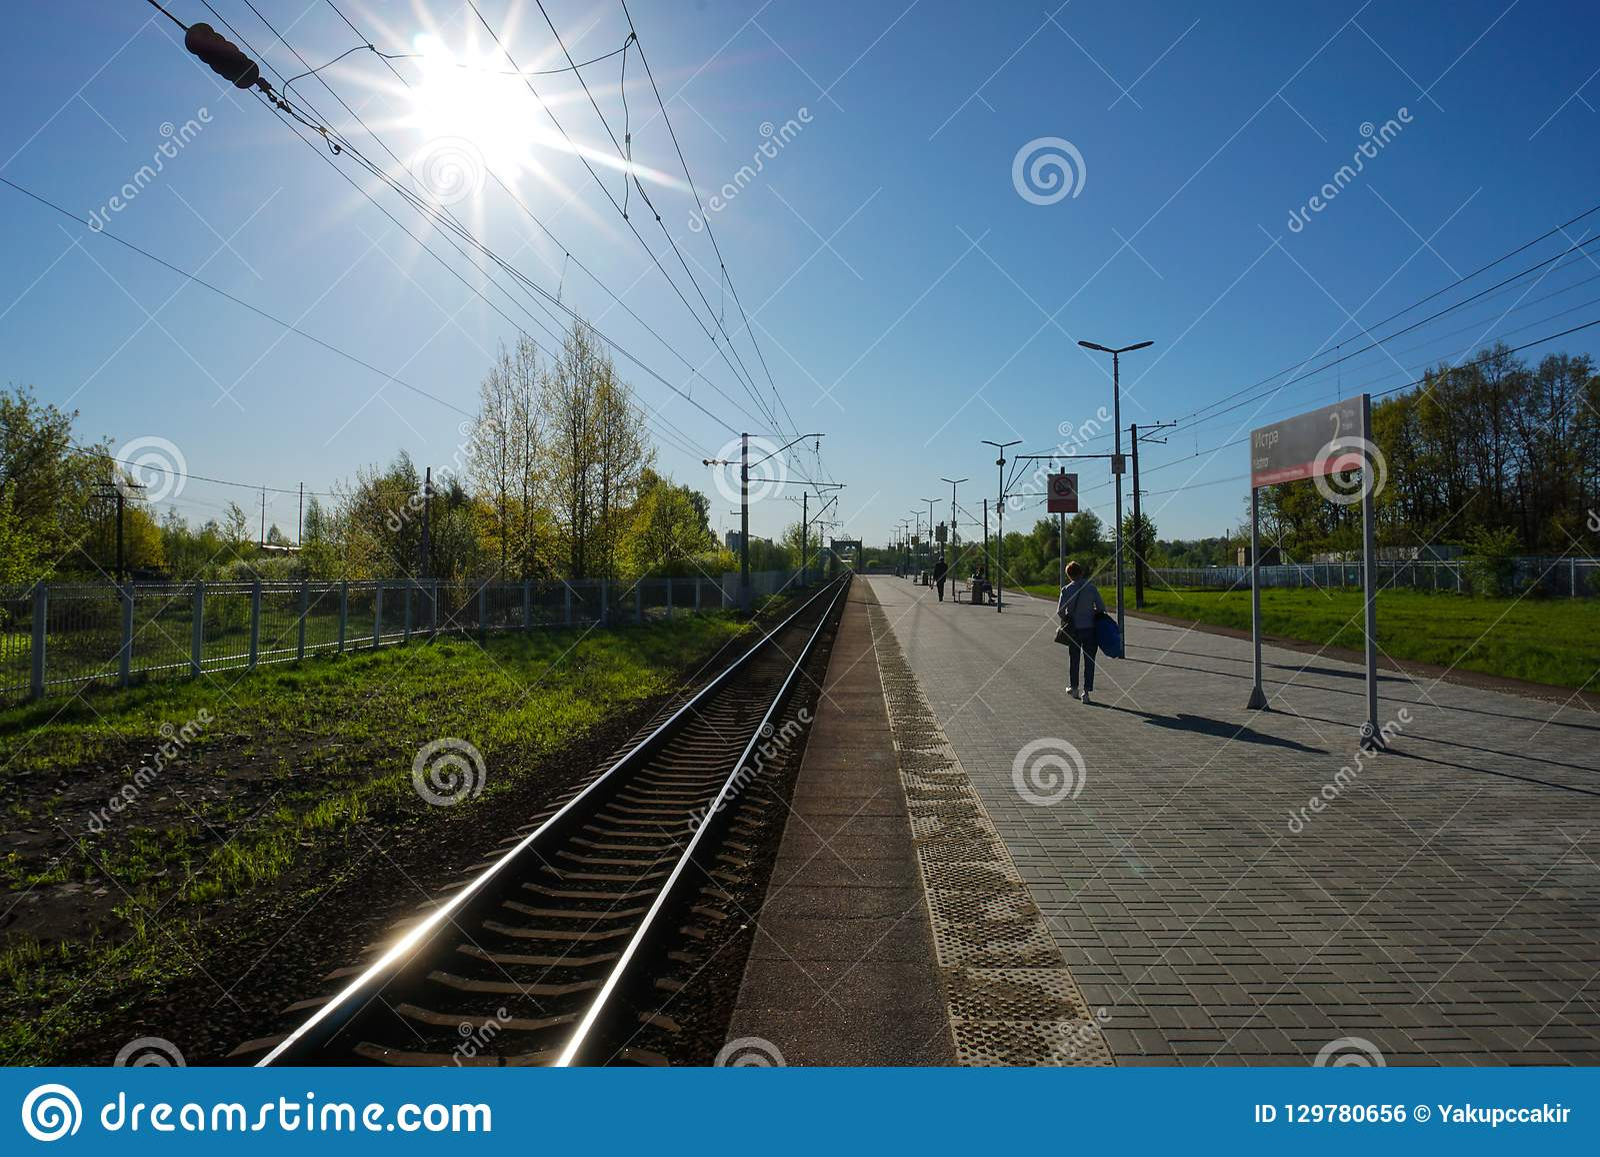 Moscou, Russie - attente du train pour autoguider, périphéries de Moscou